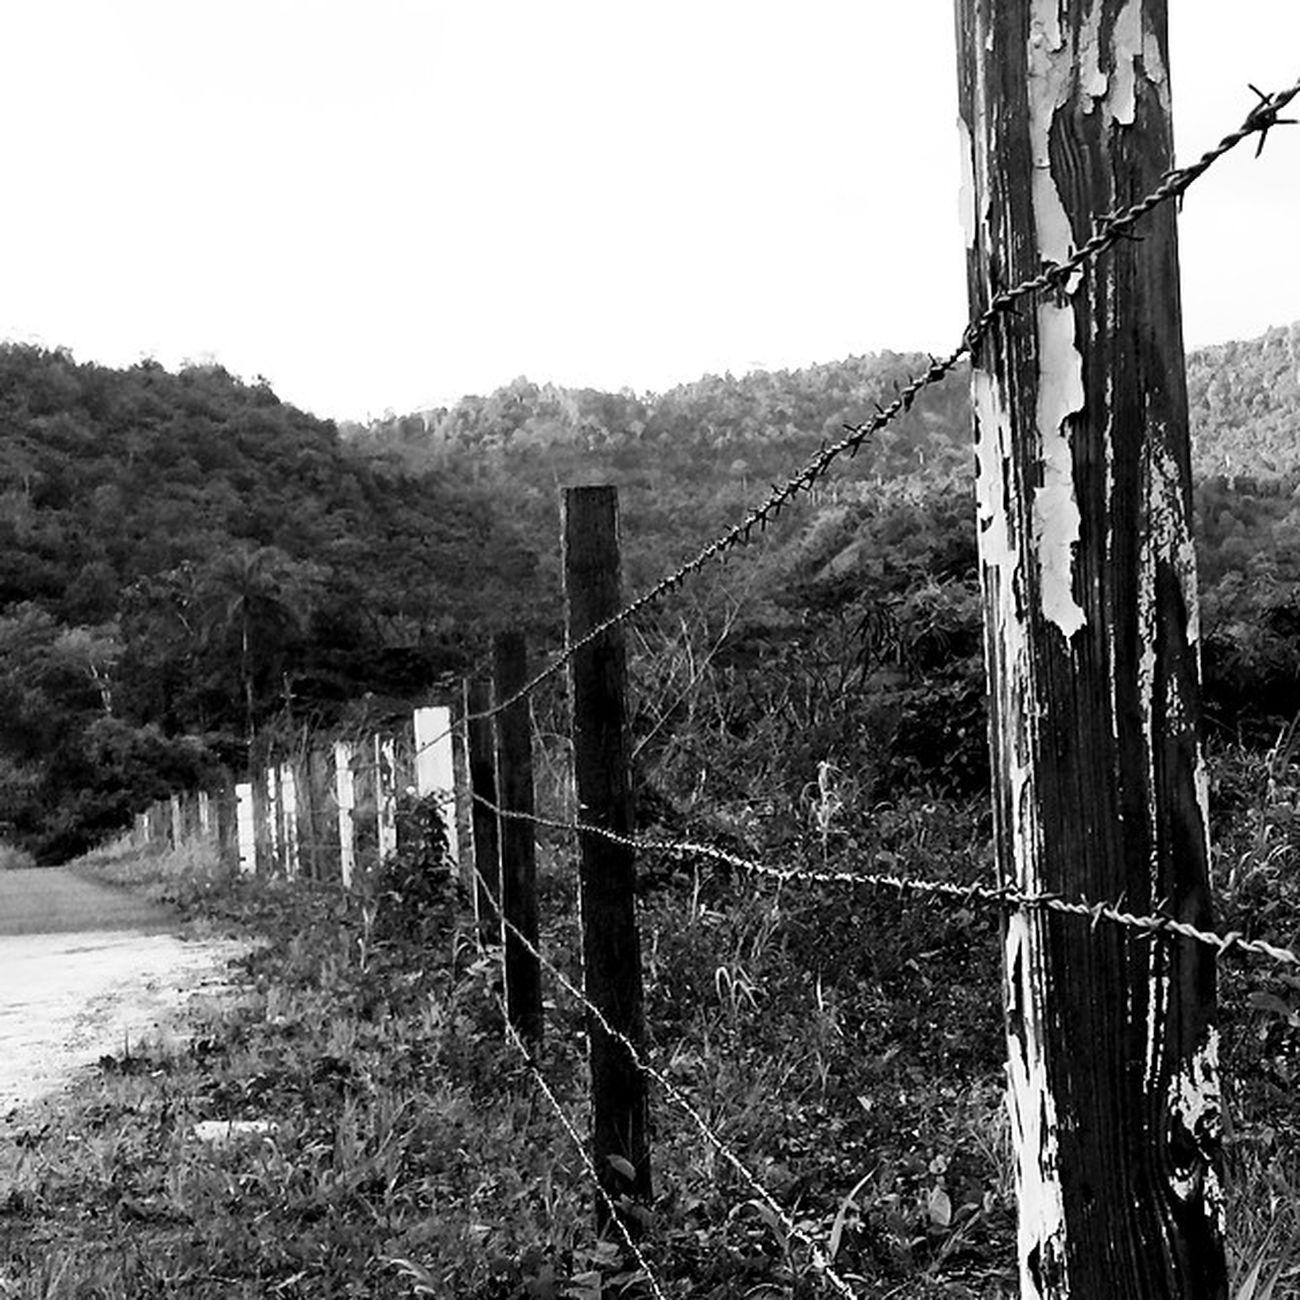 Wu_caribbean Weatindies_bnw Grenada Wirefence Grenvillevale Blancoynegro Noir Nature Ourbestshots